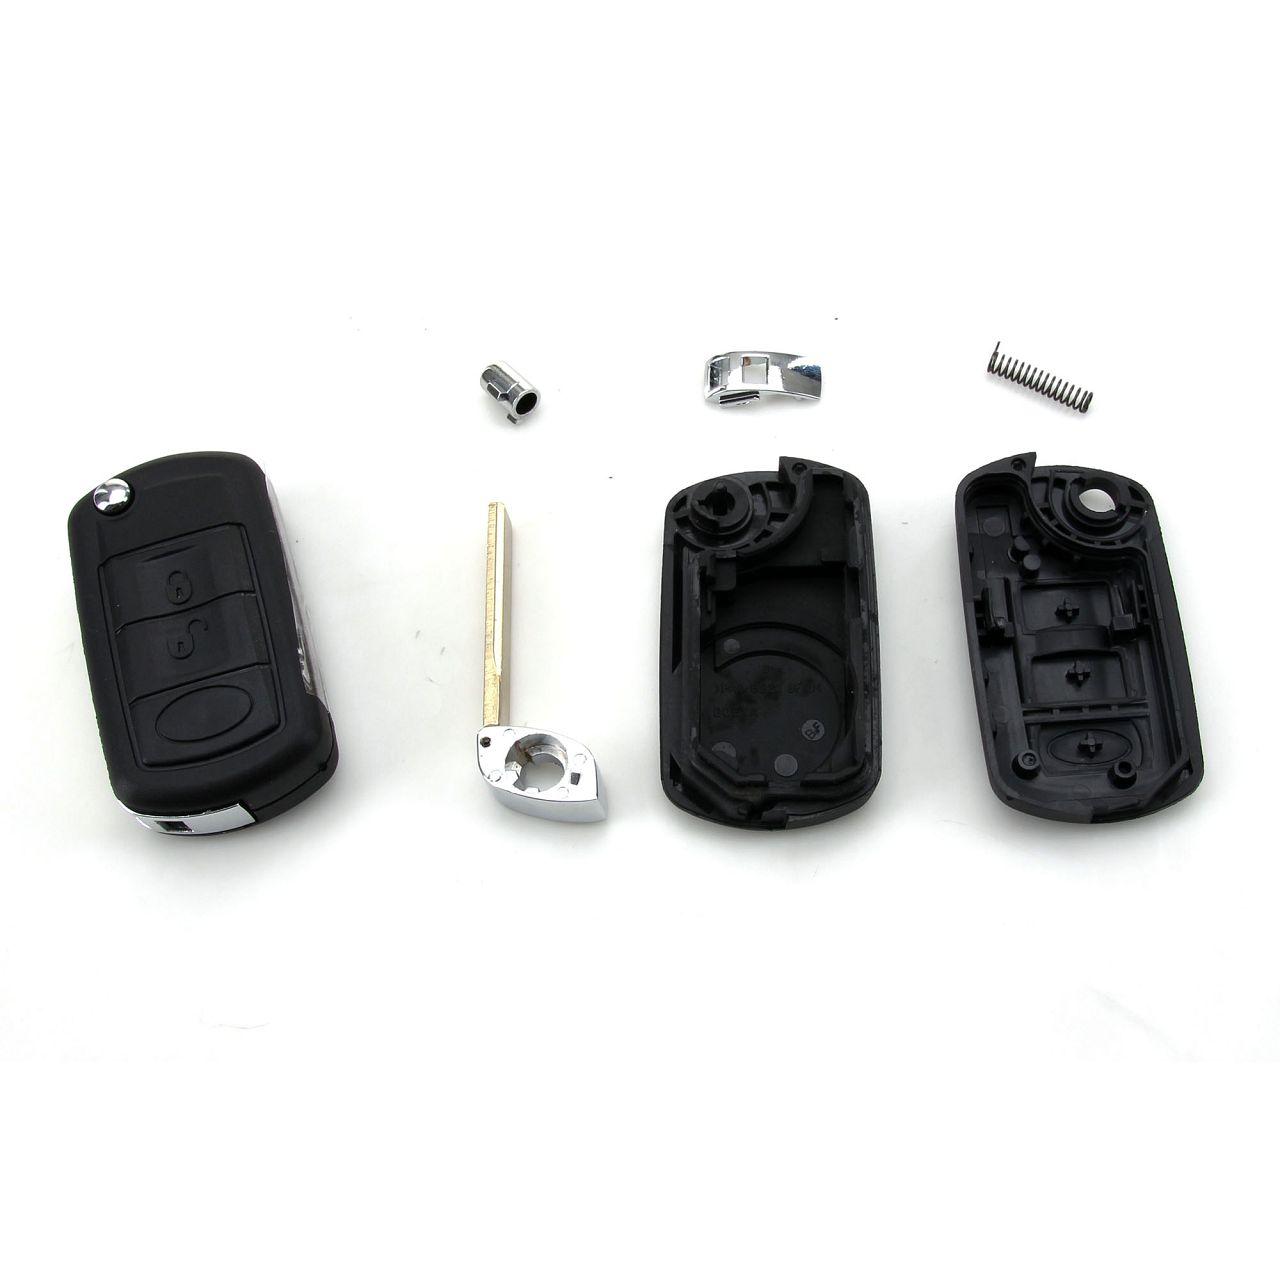 1x Schlüsselgehäuse + Schlüsselrohling 3-Tasten LAND ROVER Discovery III Range Rover